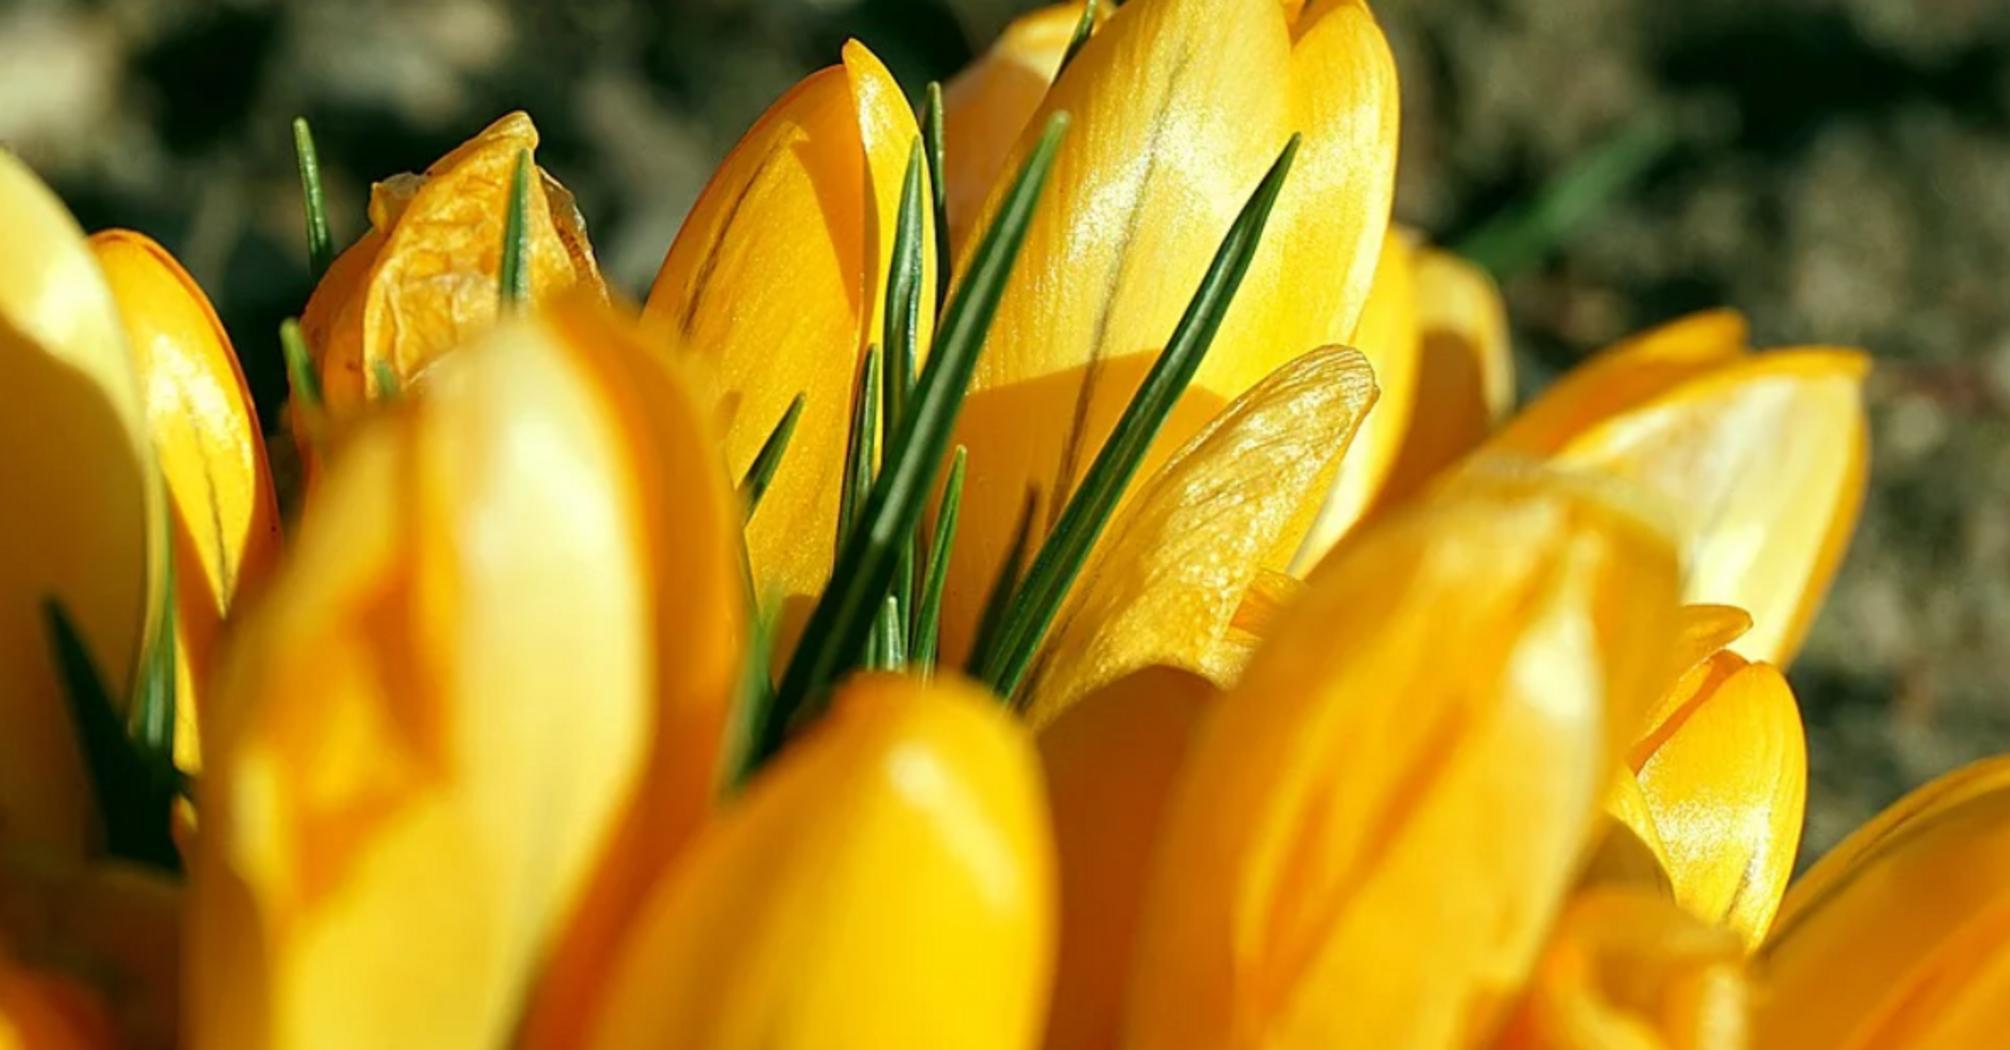 День ангела Світлани: картинки і листівки для привітання з іменинами 2 квітня